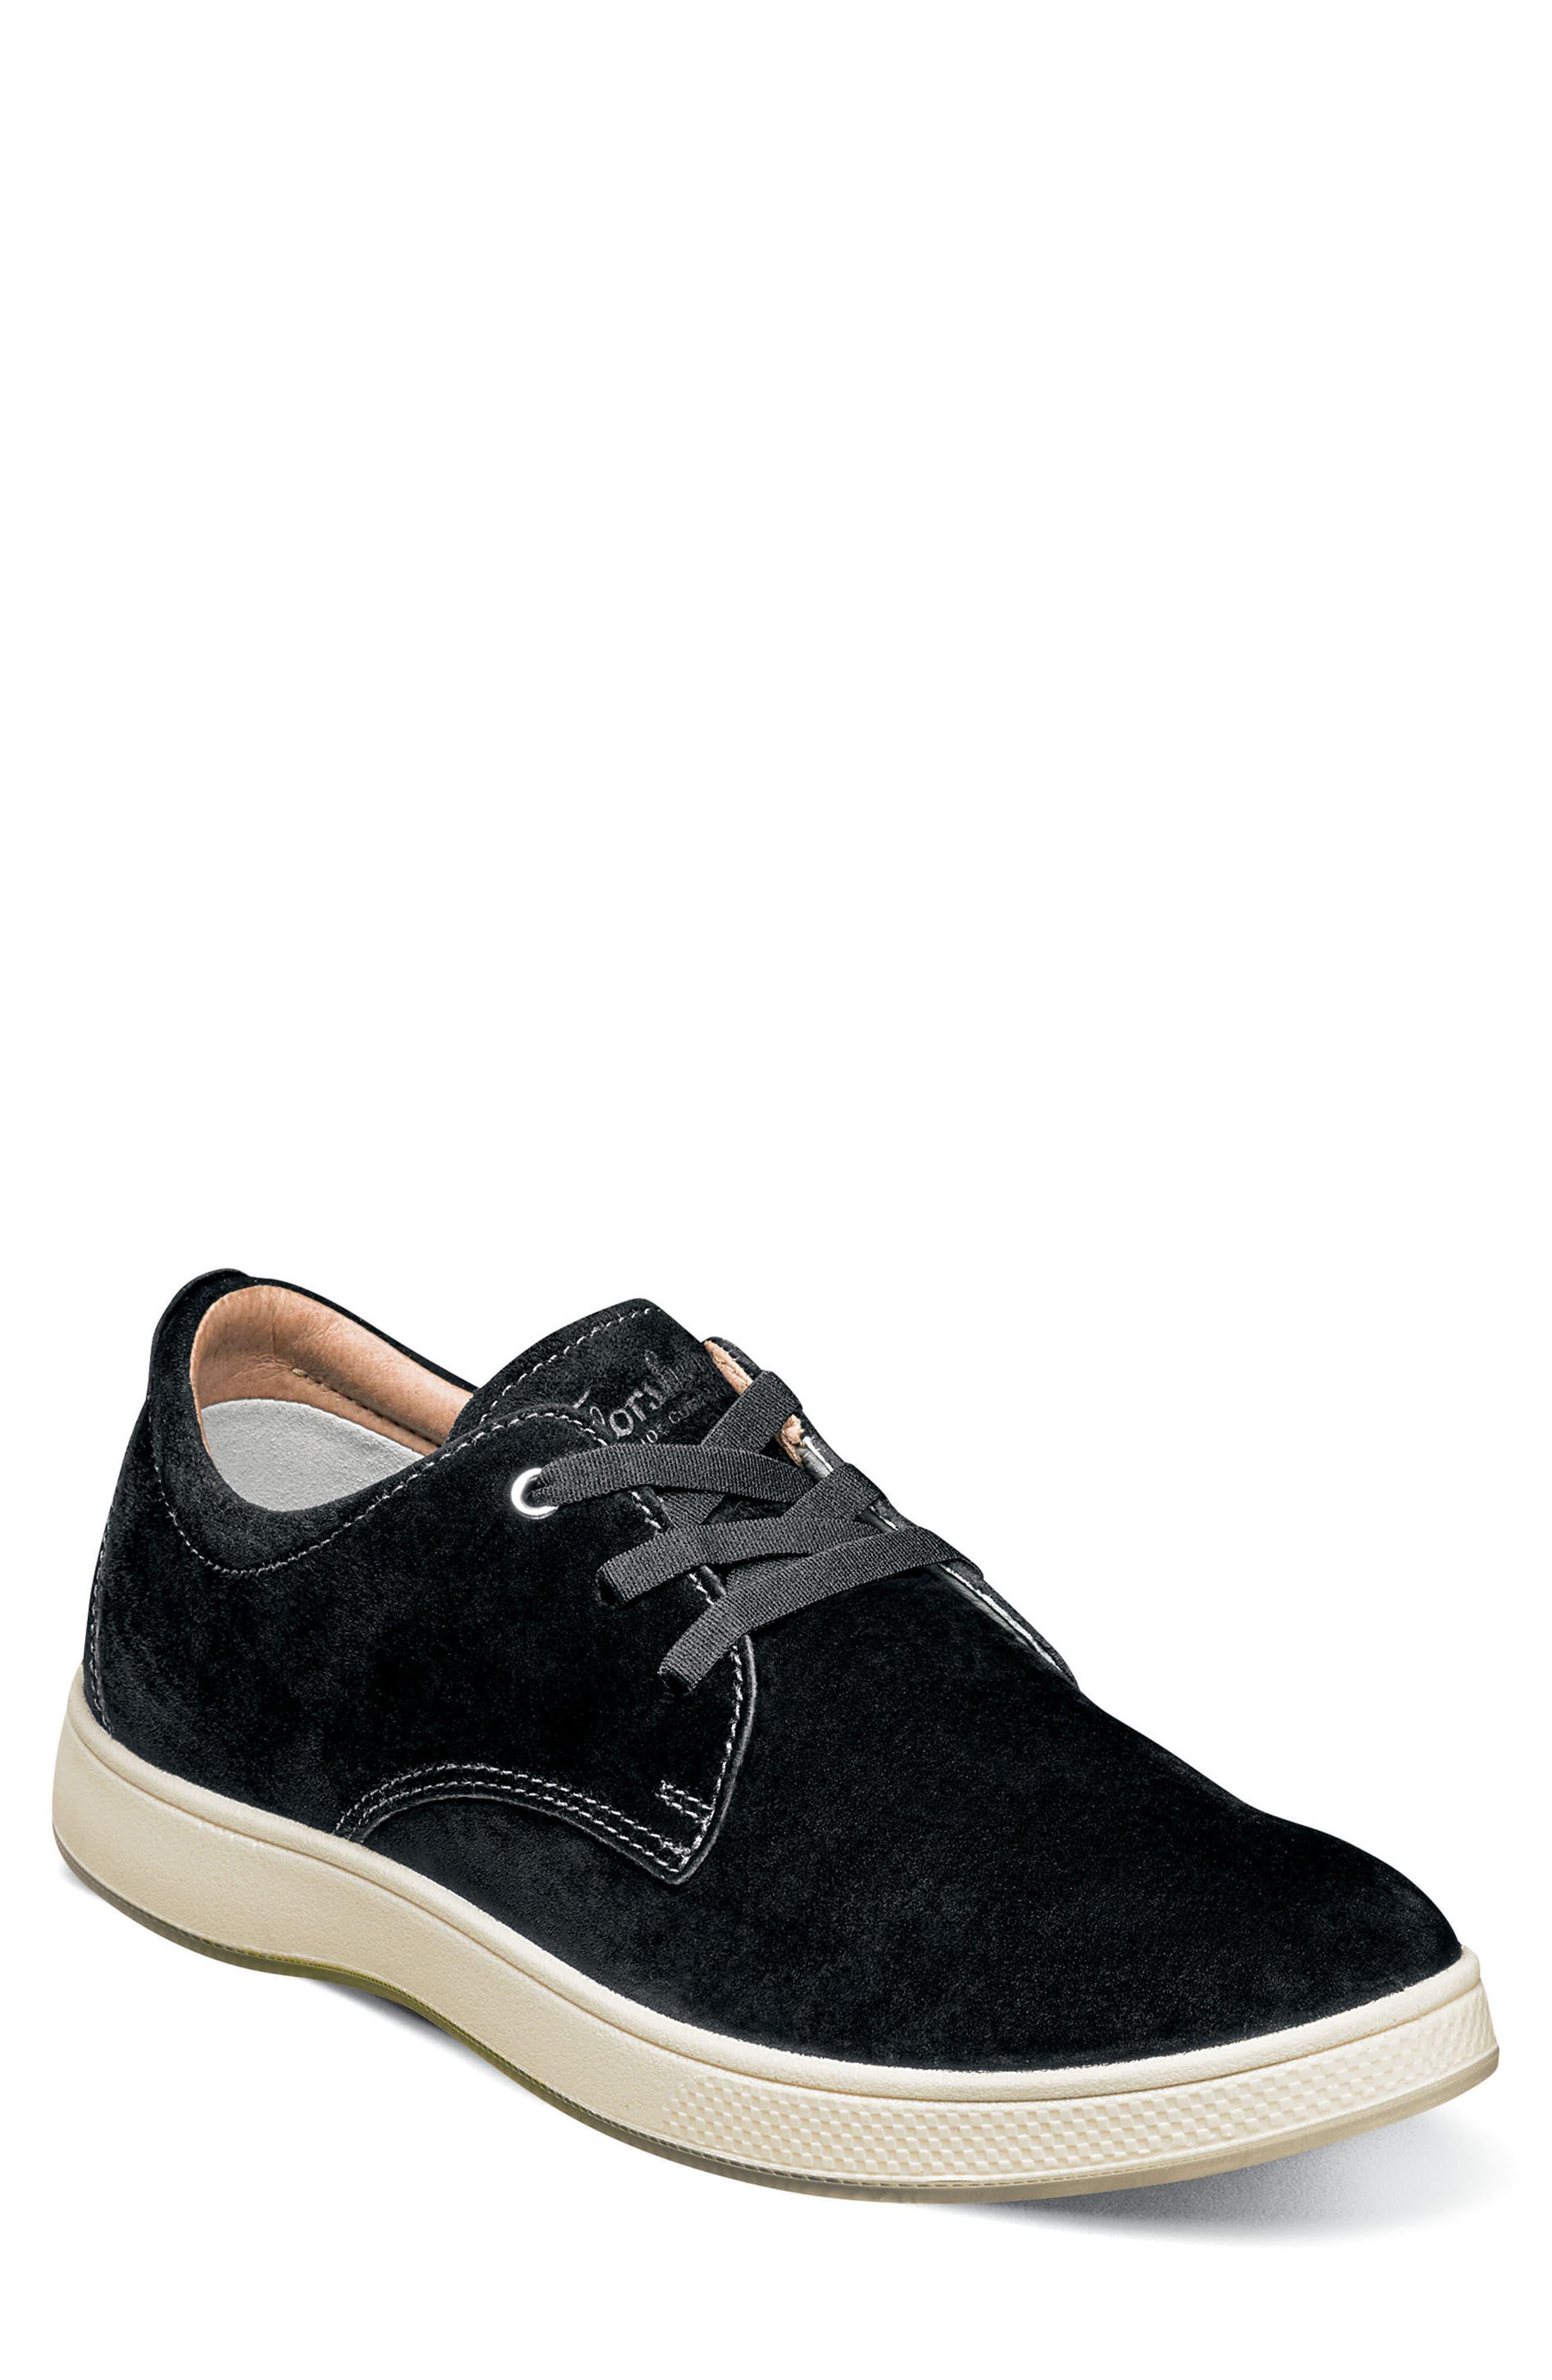 Florsheim Edge 3 Eye Sneaker (Men